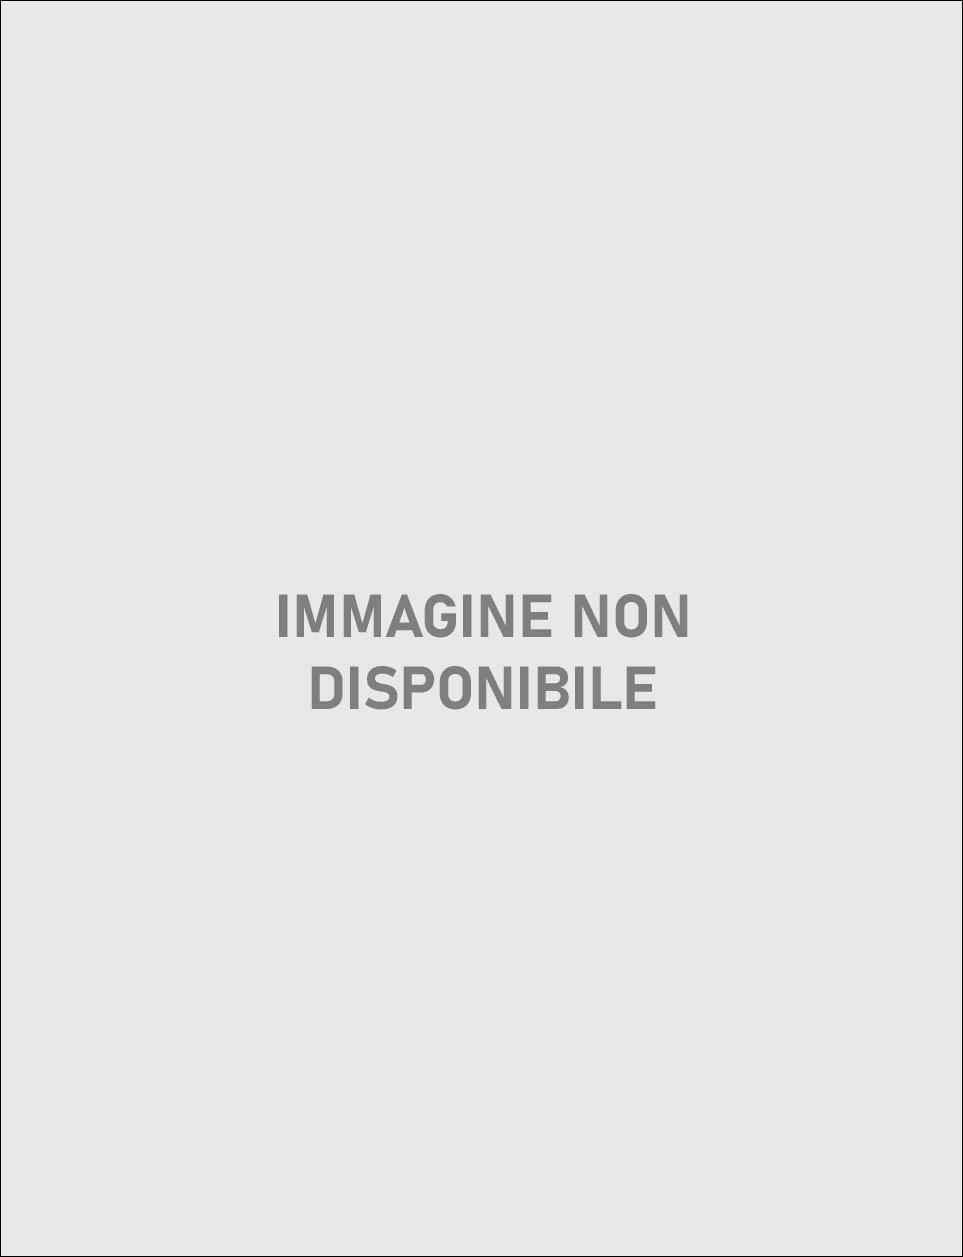 Jeans strappaticoloreBlu scuro